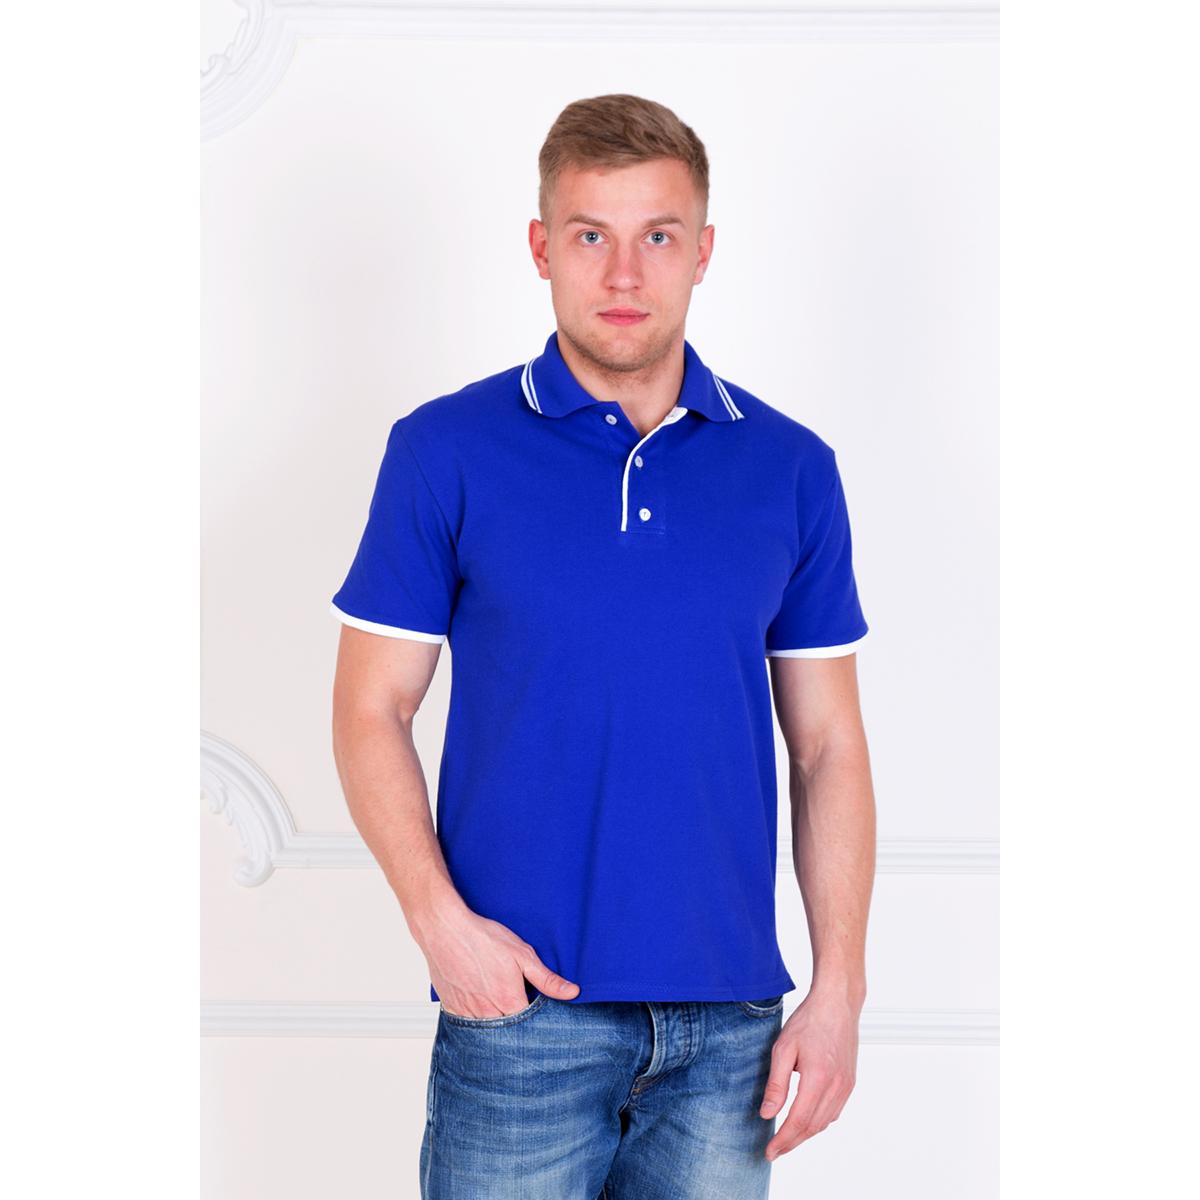 Мужская футболка-поло Эрик Голубой, размер 48Майки и футболки<br>Обхват груди:96 см<br>Обхват талии:88 см<br>Обхват бедер:102 см<br>Рост:172-180 см<br><br>Тип: Муж. футболка<br>Размер: 48<br>Материал: Пике